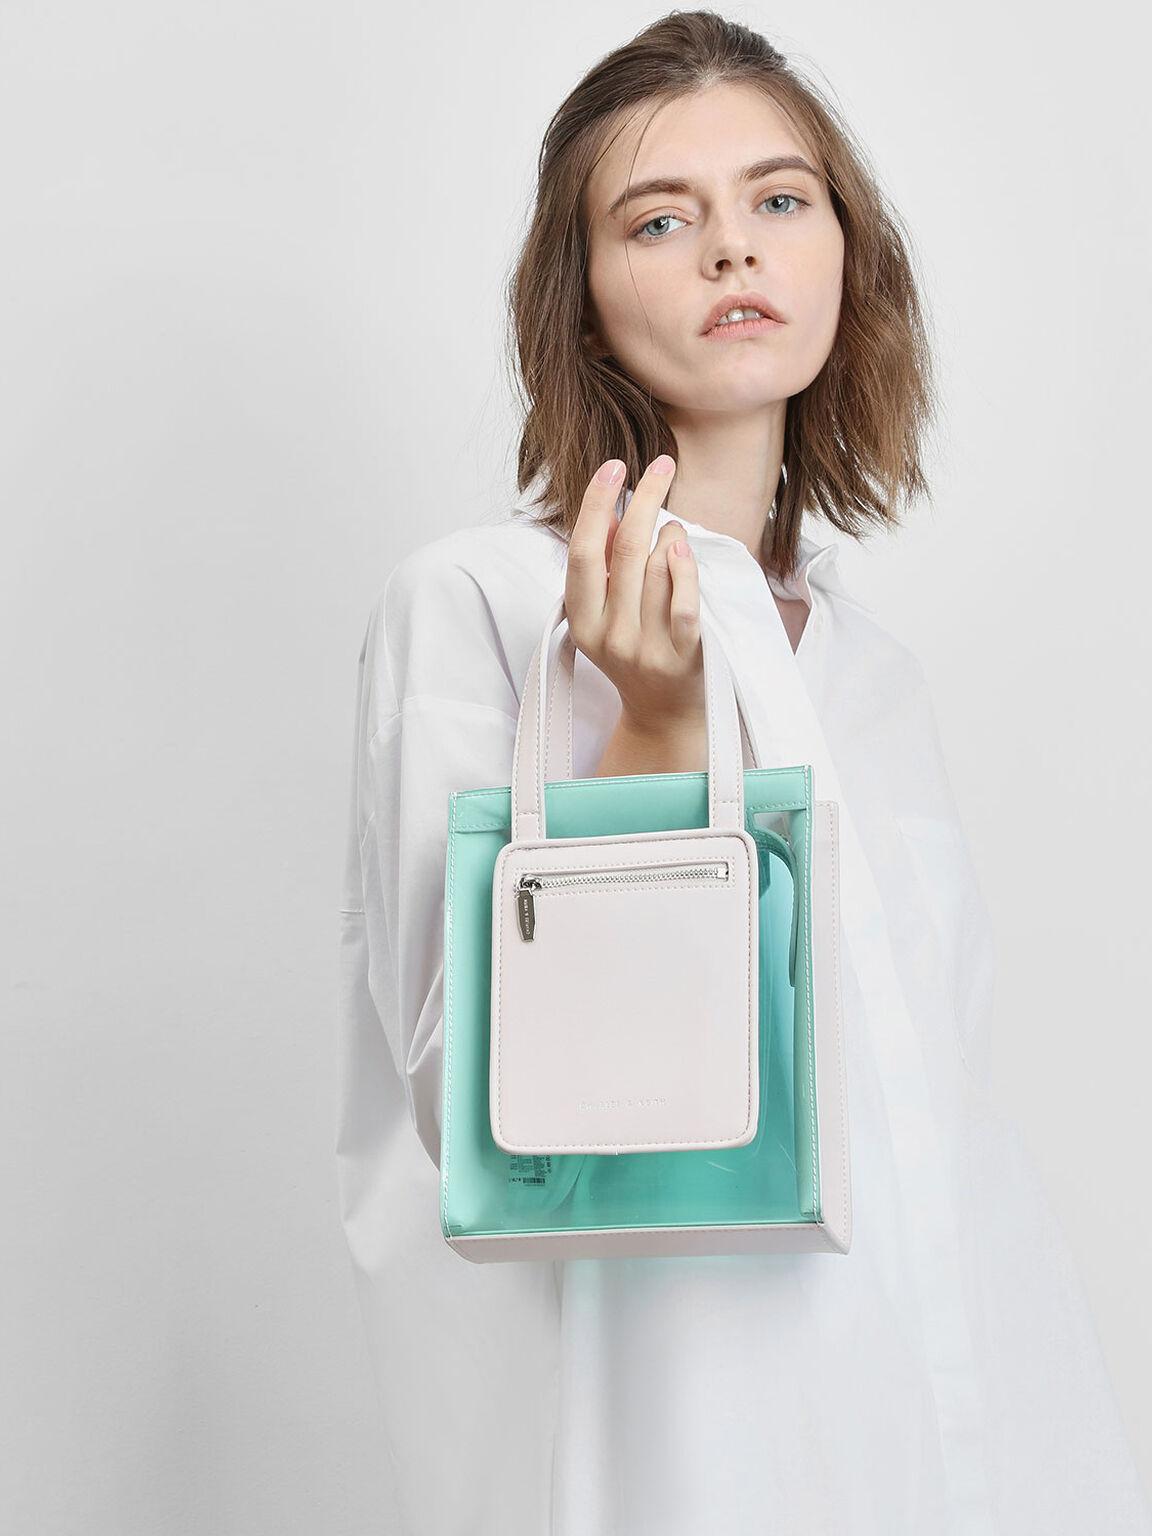 Zipper Compartment Transparent Bag, Light Pink, hi-res